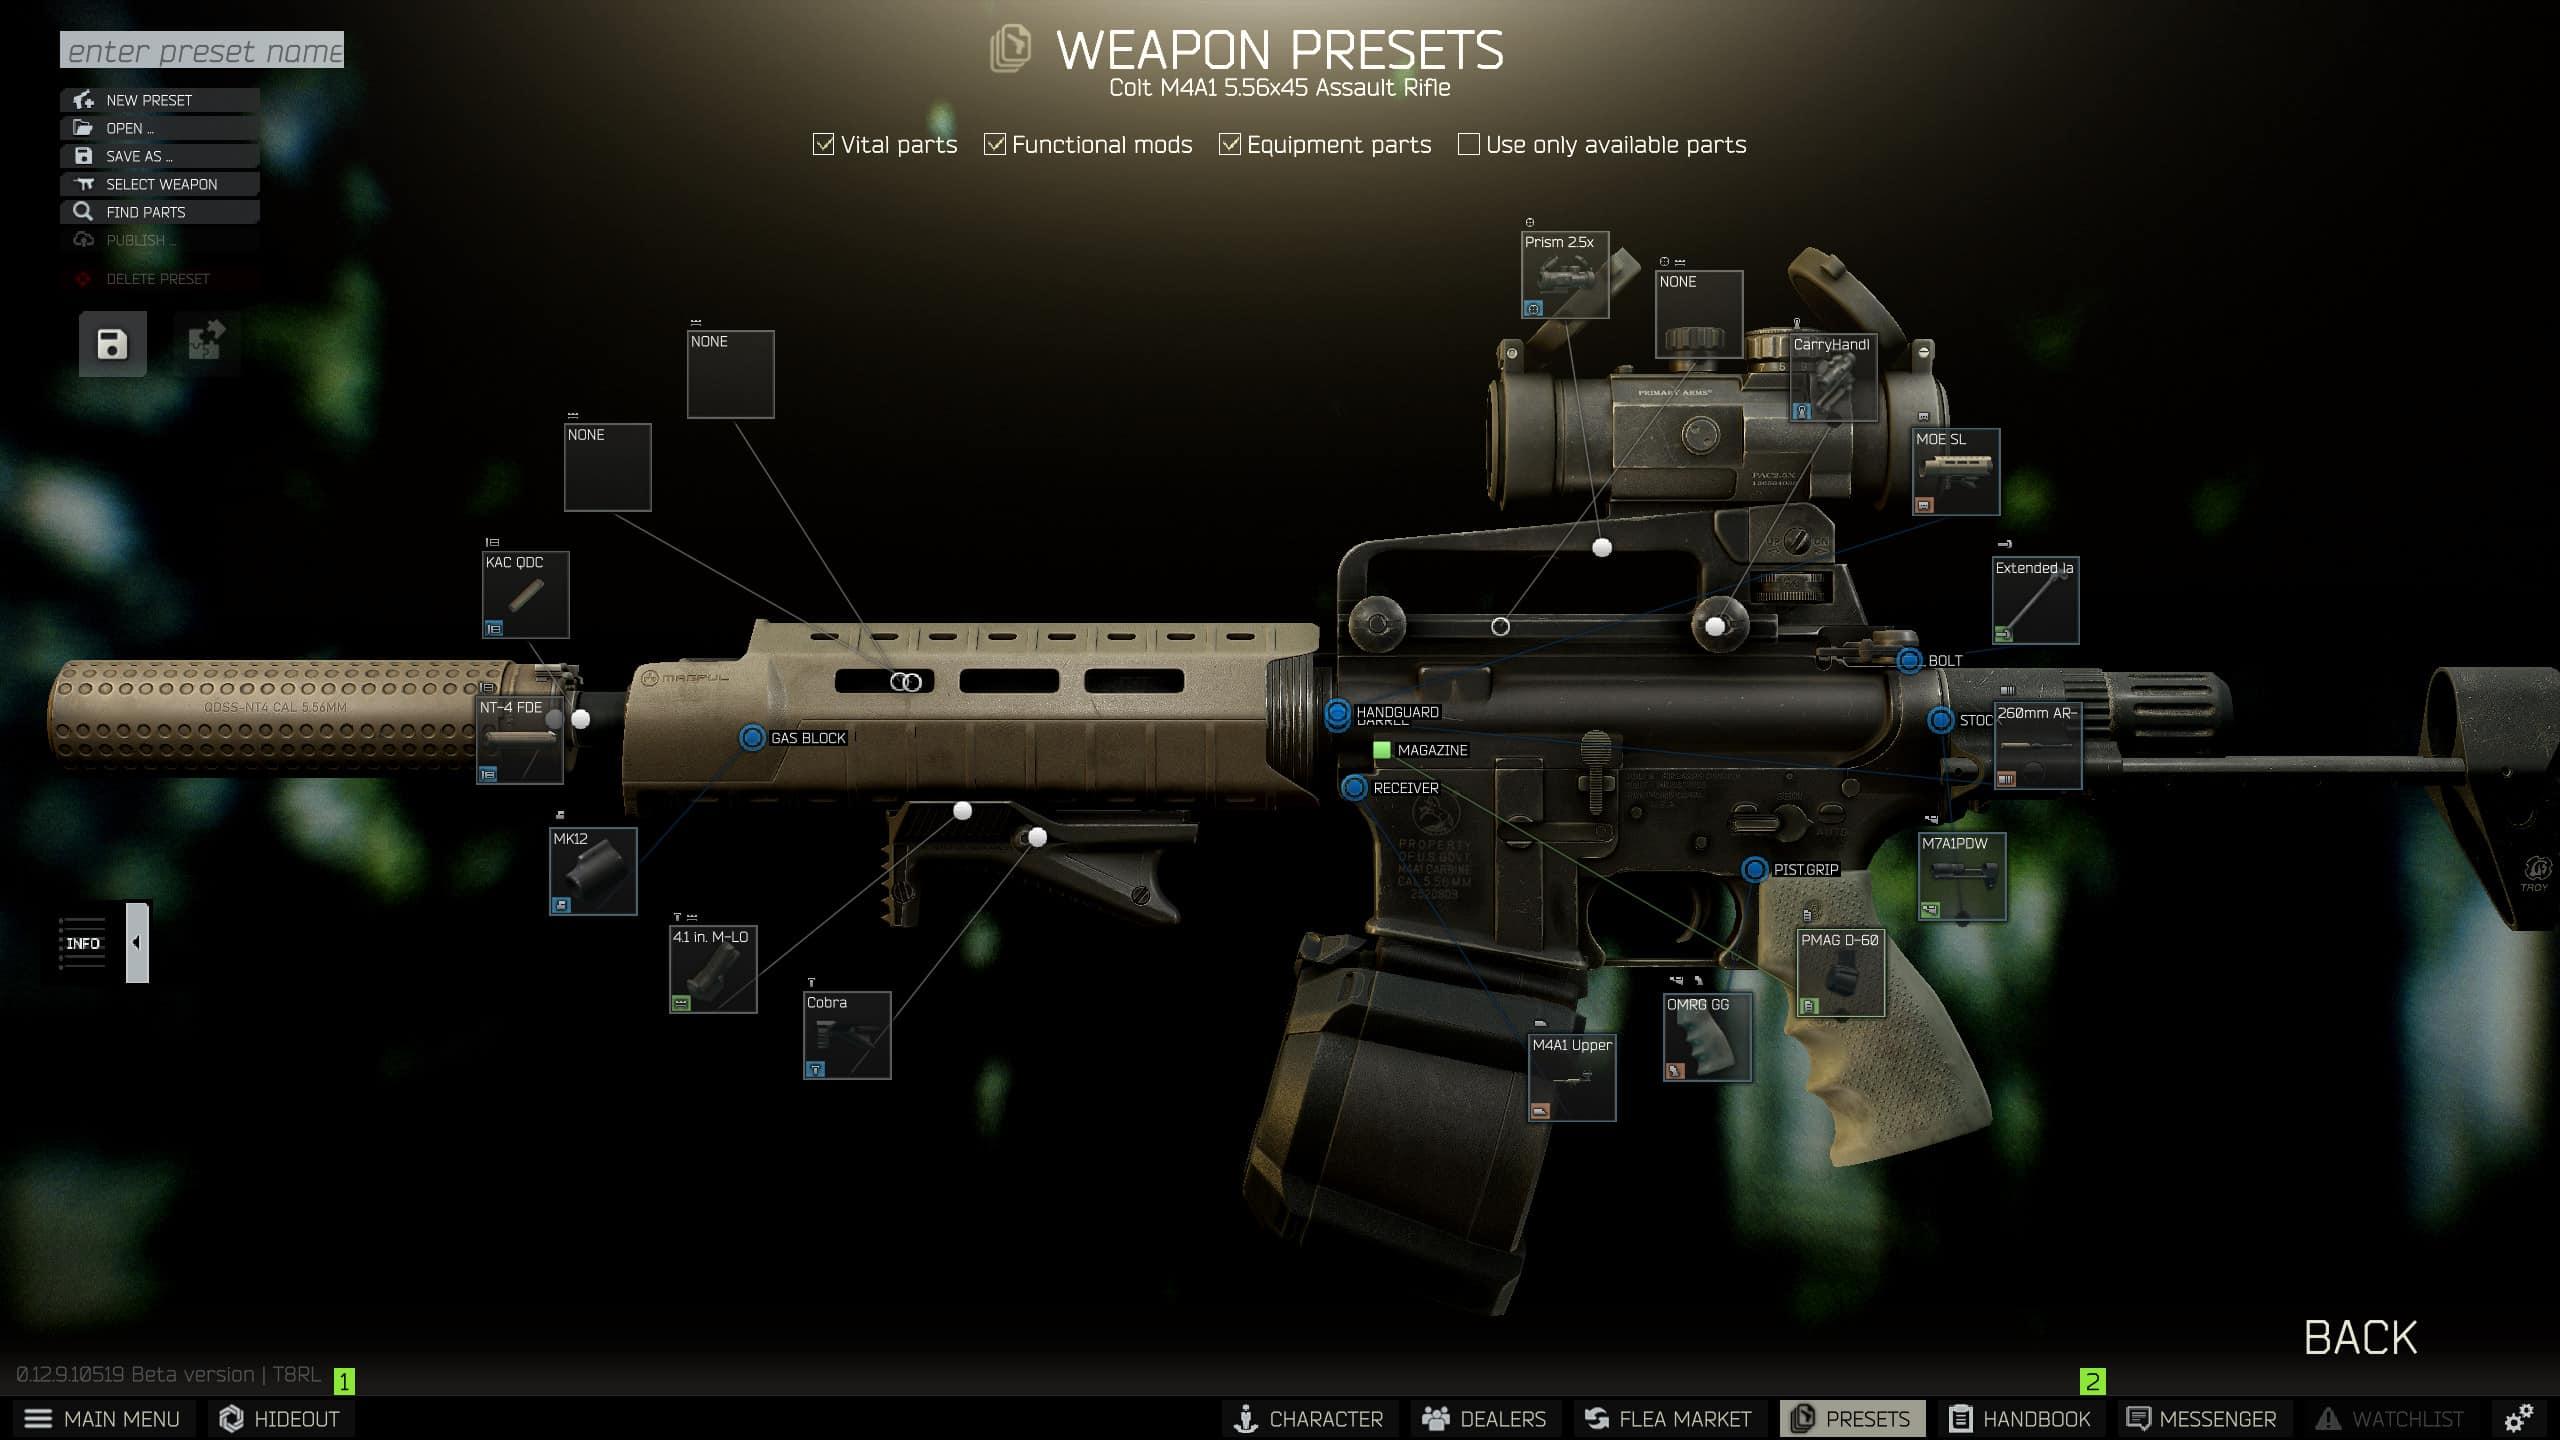 Fwbqgiwvniaedm Pridefend pistol gunsmith bench block gun maintenance armorers block. 2